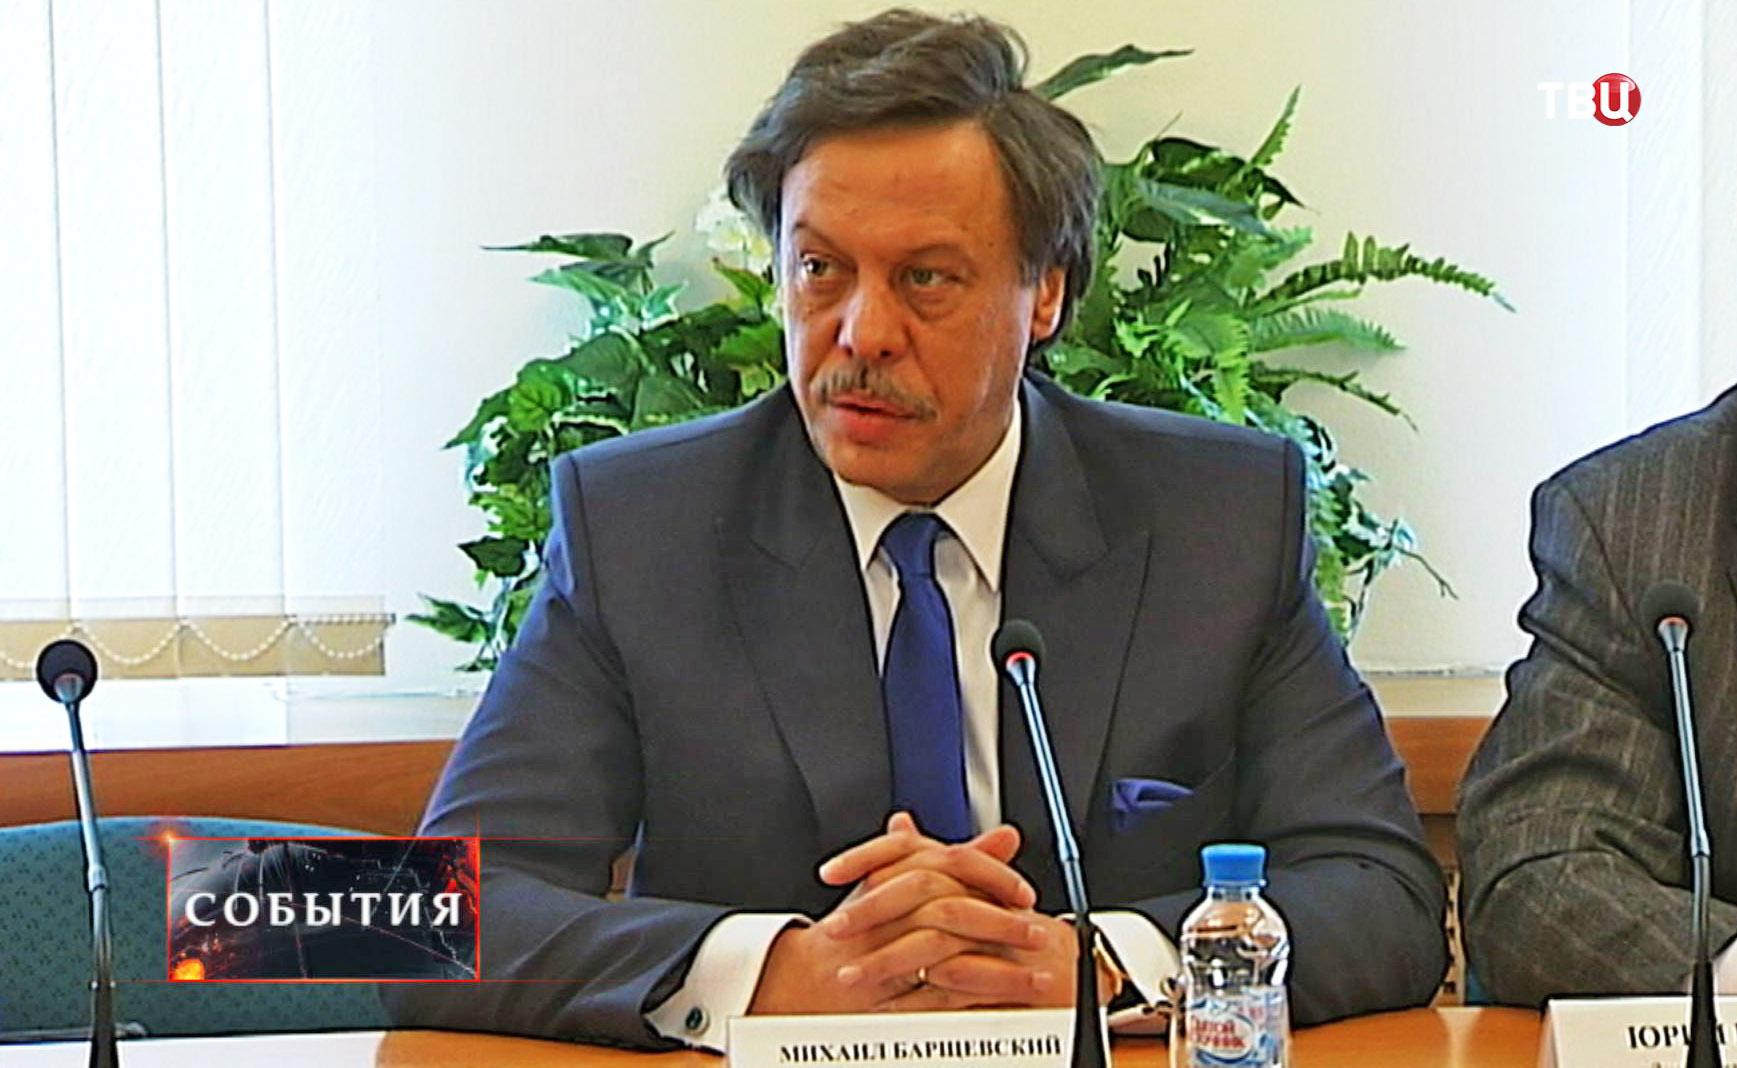 Общественный деятель Михаил Барщевский